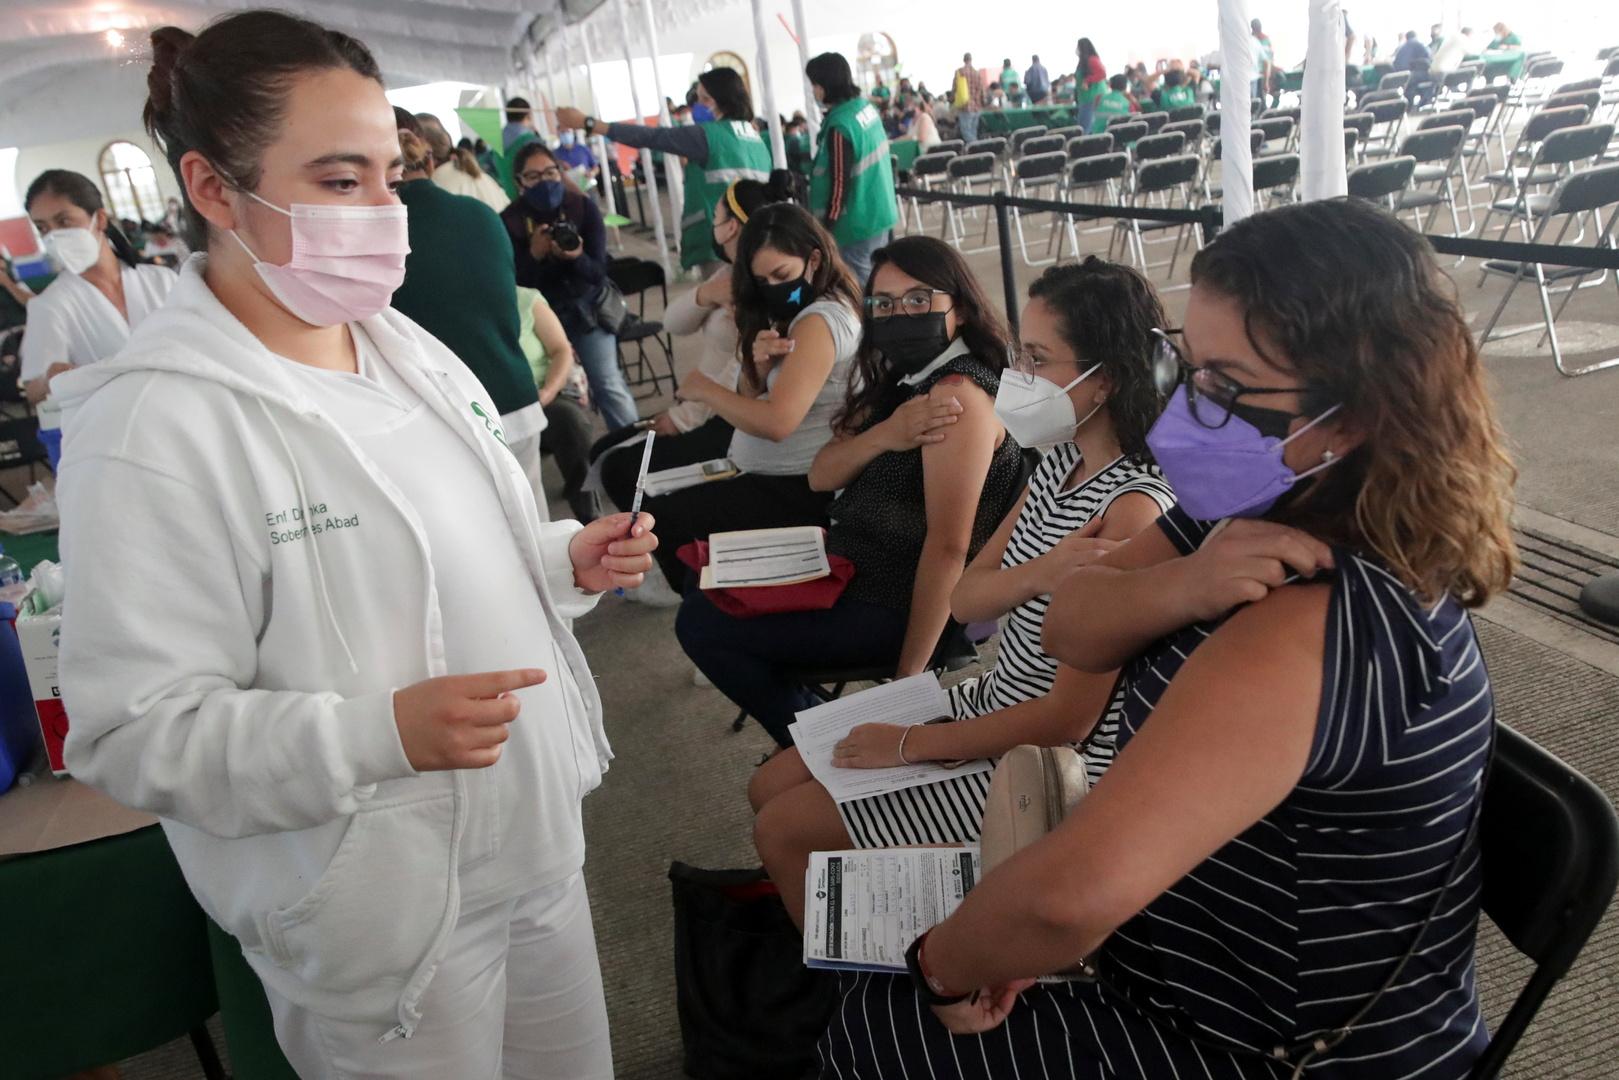 المكسيك تسجل 53 وفاة و1233 إصابة جديدة بفيروس كورونا